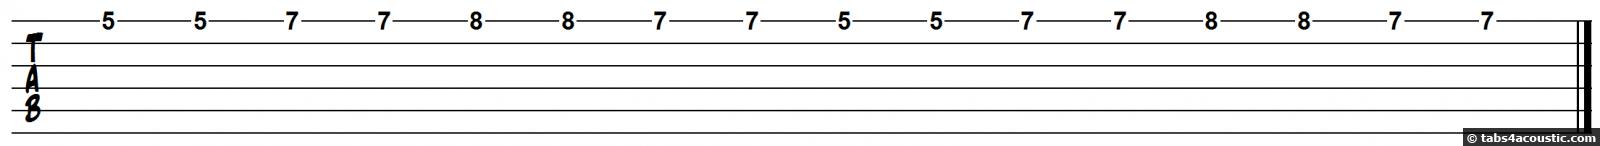 Deuxième exercice, deux coups par note